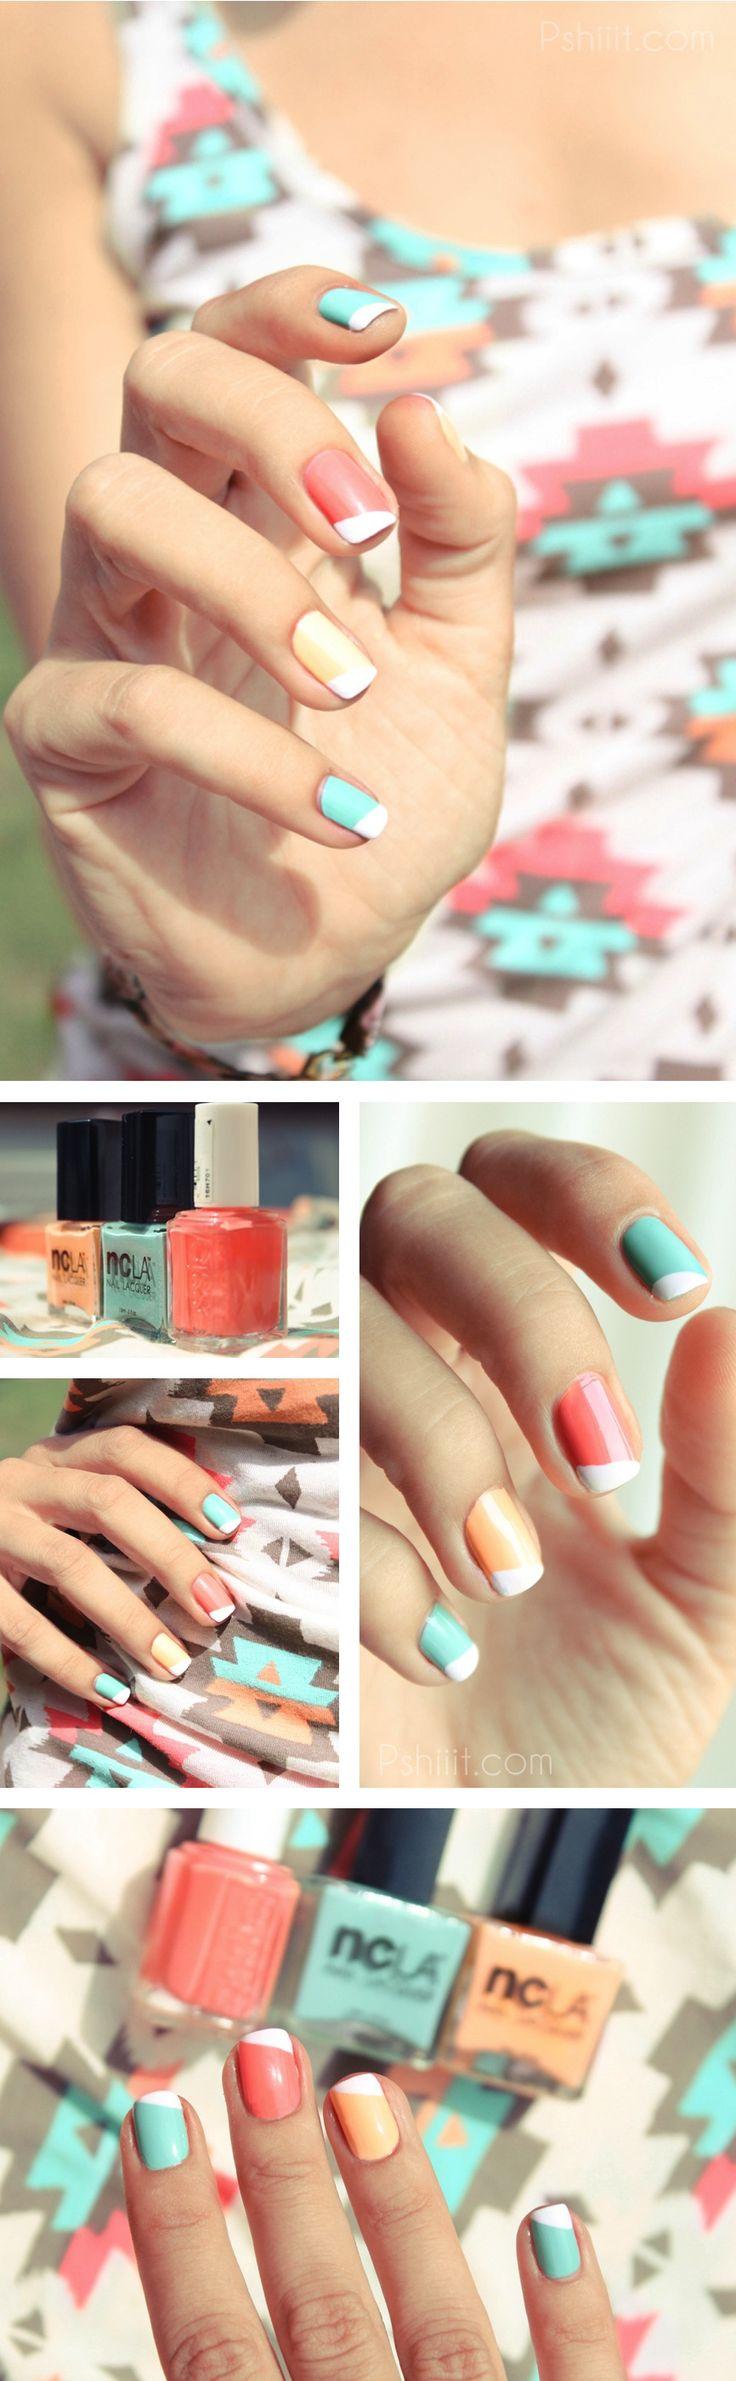 Pretty colorful manicure